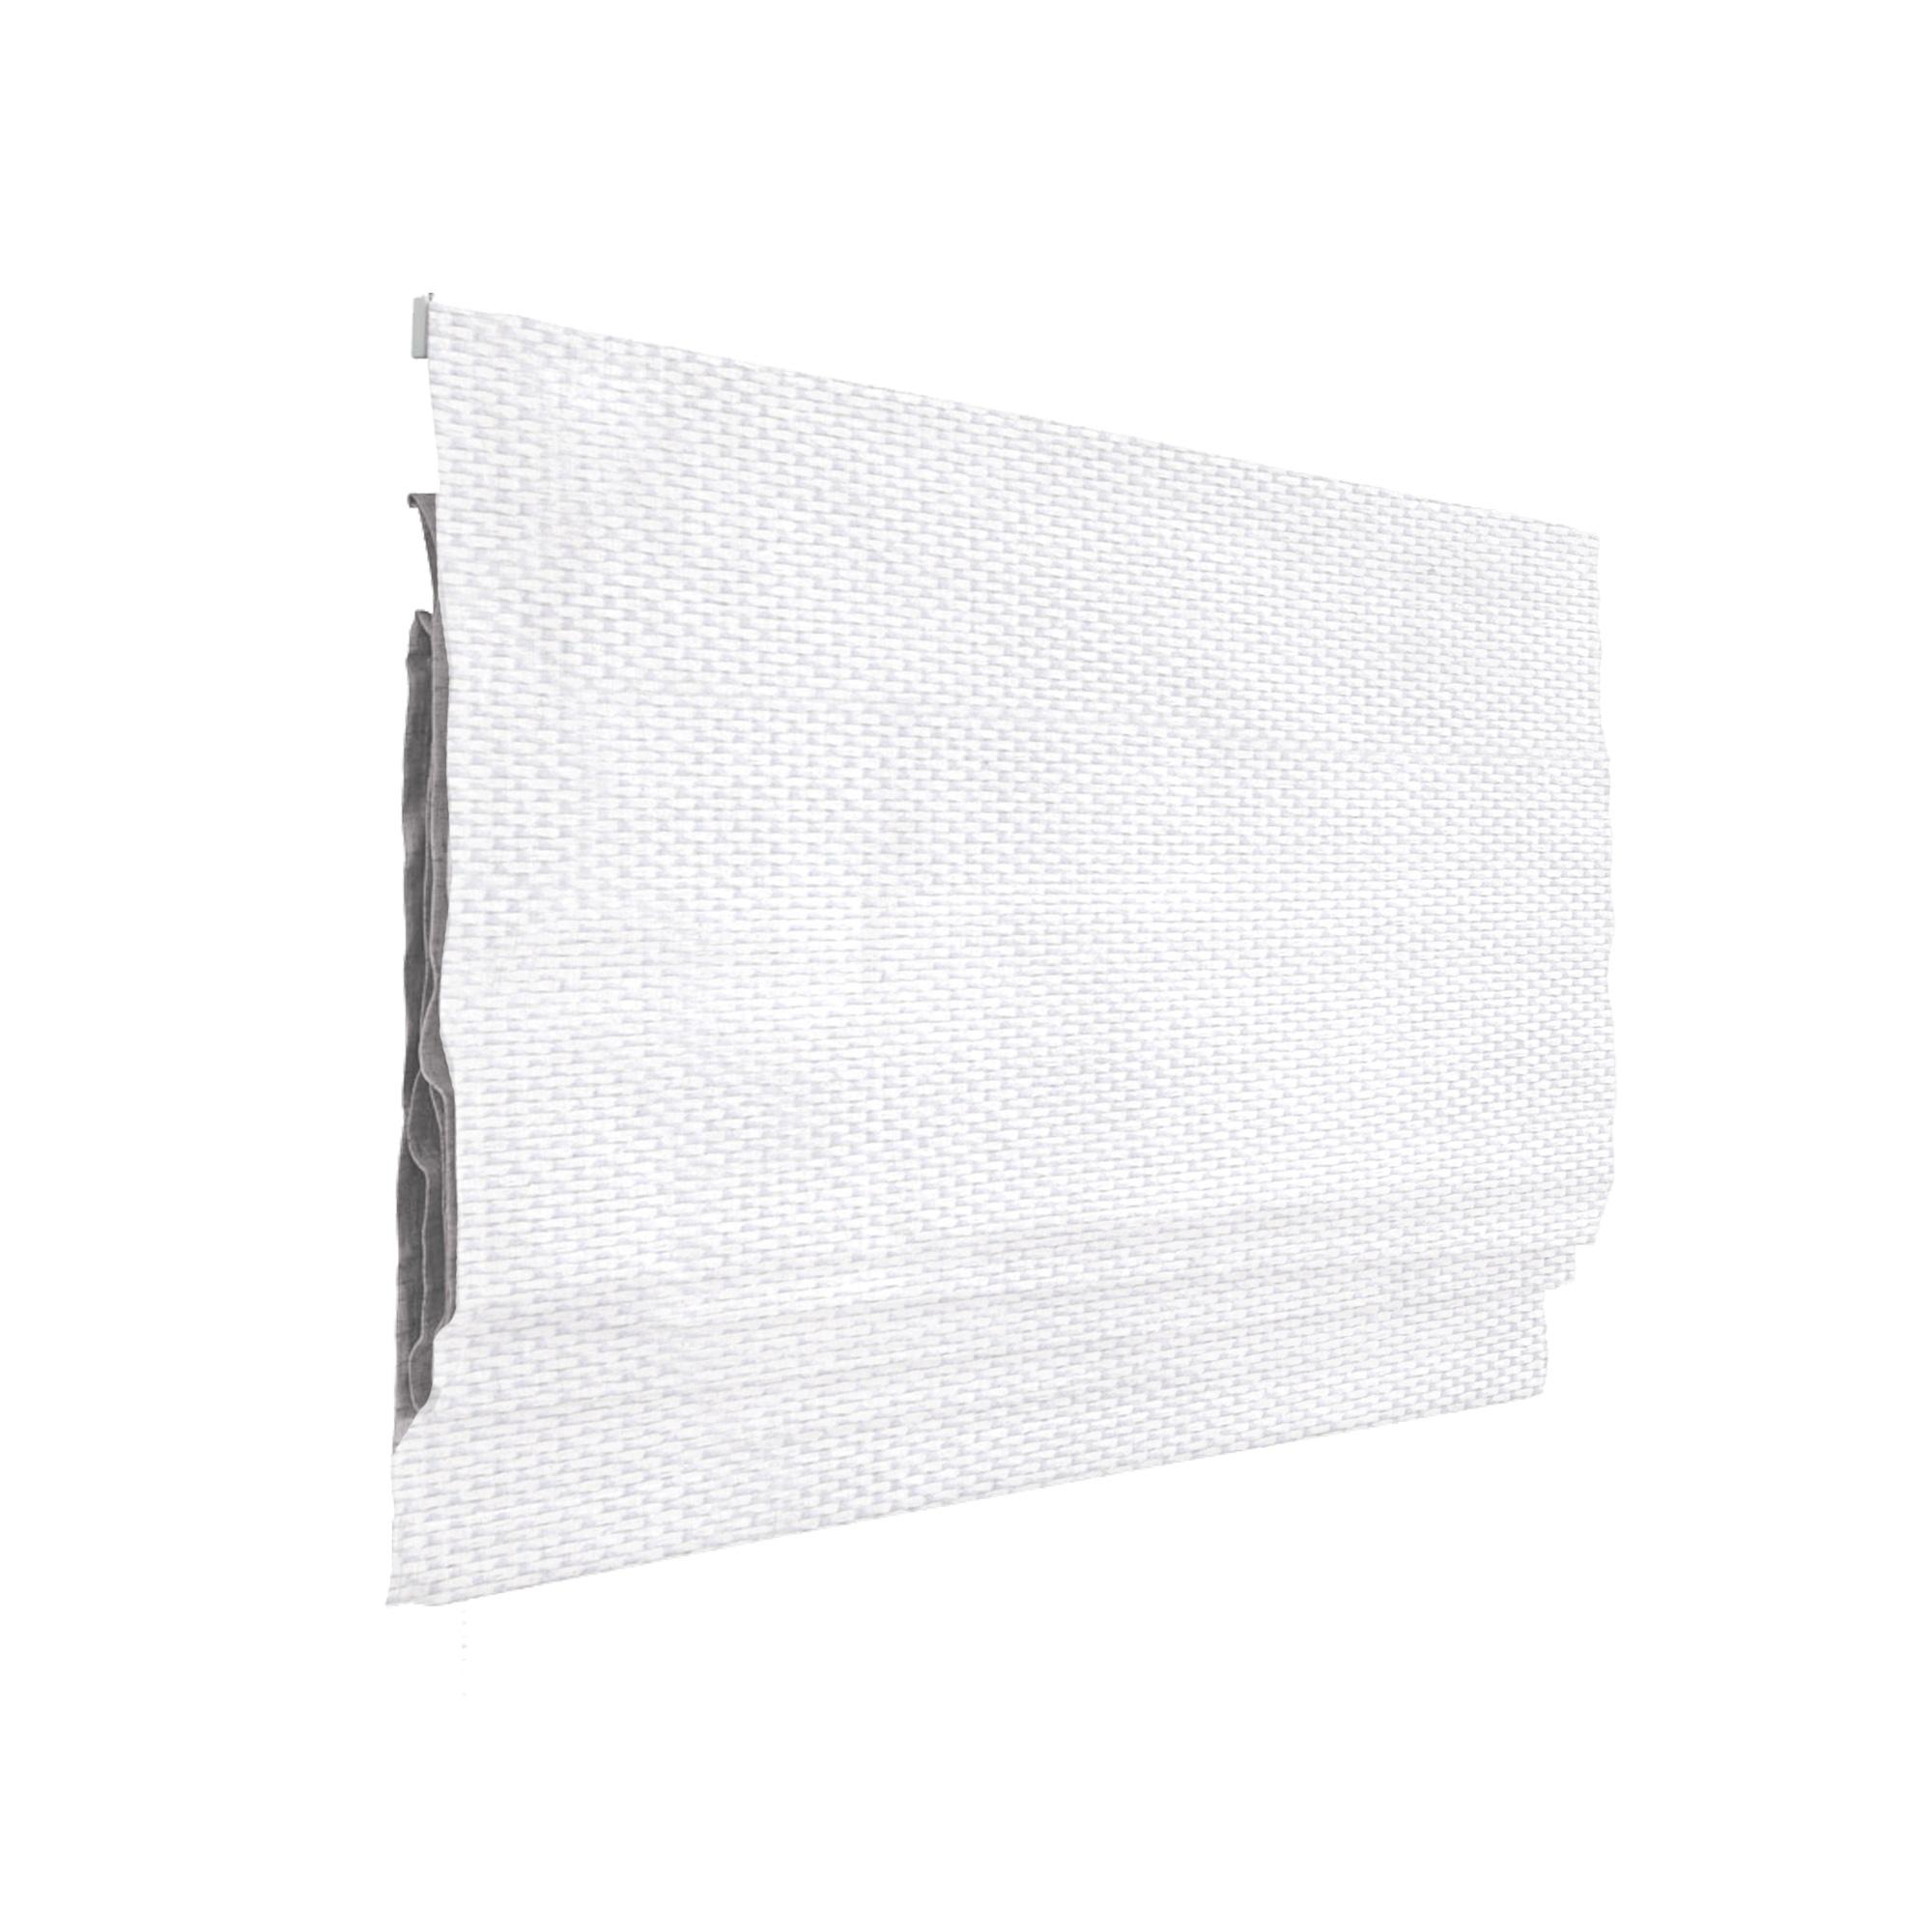 Raffrollo-Faltrollo-Klemmfix-ohne-Bohren-Fenster-Raffgardine-Gardine-VICTORIA-M Indexbild 24